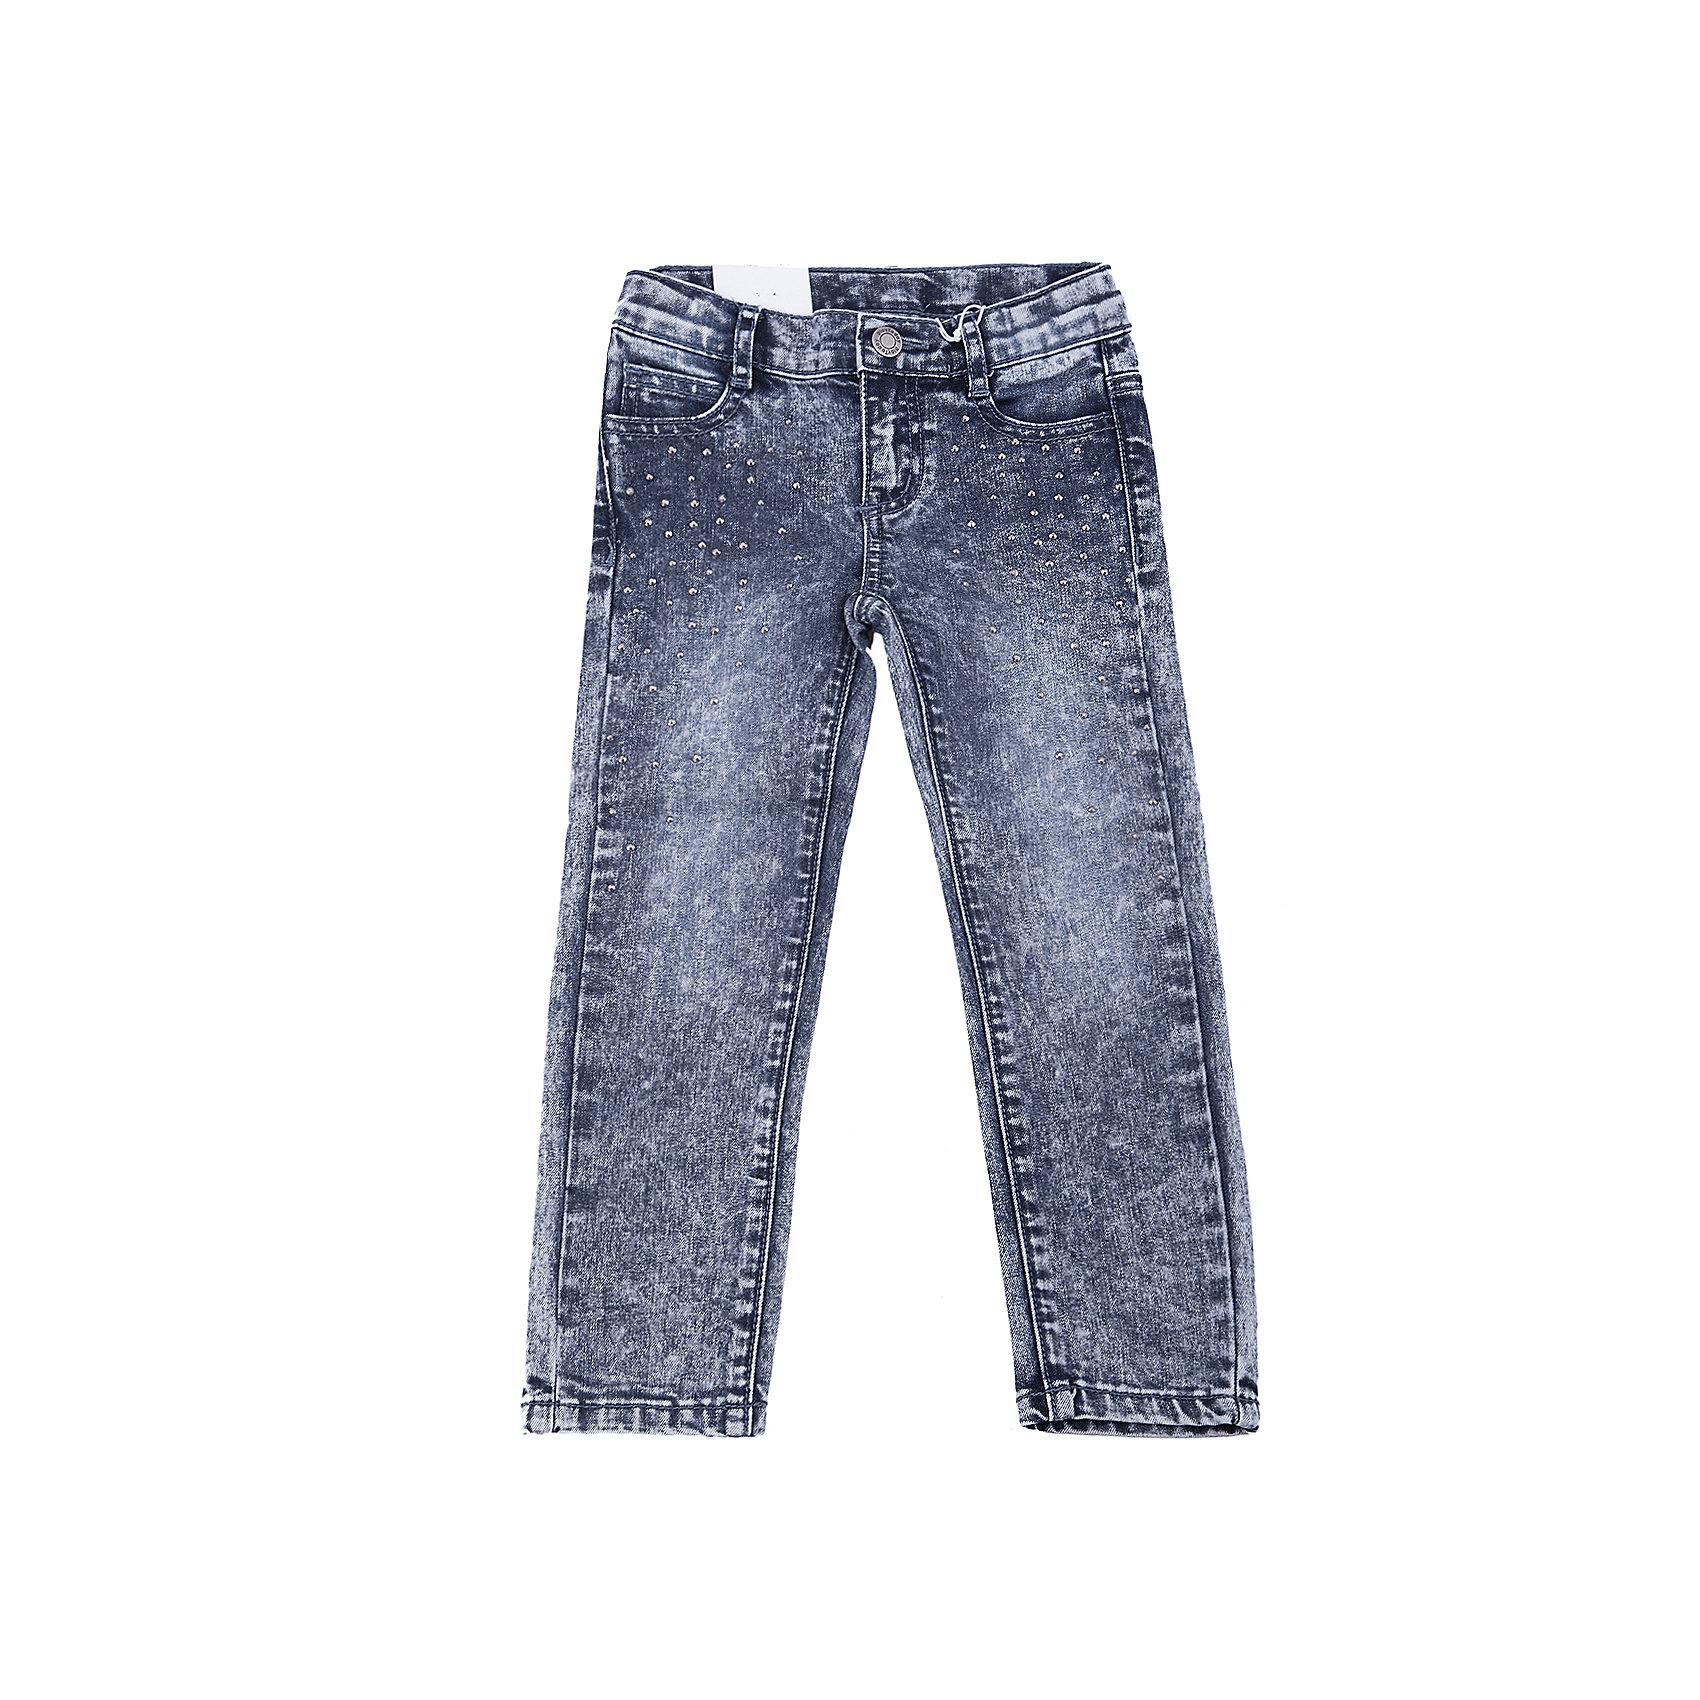 Джинсы PlayToday для девочкиДжинсы<br>Джинсы PlayToday для девочки<br>Брюки - джинсы. Классическая 5-ти карманная модель дополнена шлевками. В качестве декора использована россыпь из страз.<br>Состав:<br>75% хлопок, 23% полиэстер, 2% эластан<br><br>Ширина мм: 215<br>Глубина мм: 88<br>Высота мм: 191<br>Вес г: 336<br>Цвет: синий<br>Возраст от месяцев: 84<br>Возраст до месяцев: 96<br>Пол: Женский<br>Возраст: Детский<br>Размер: 128,110,98,104,116,122<br>SKU: 7115125